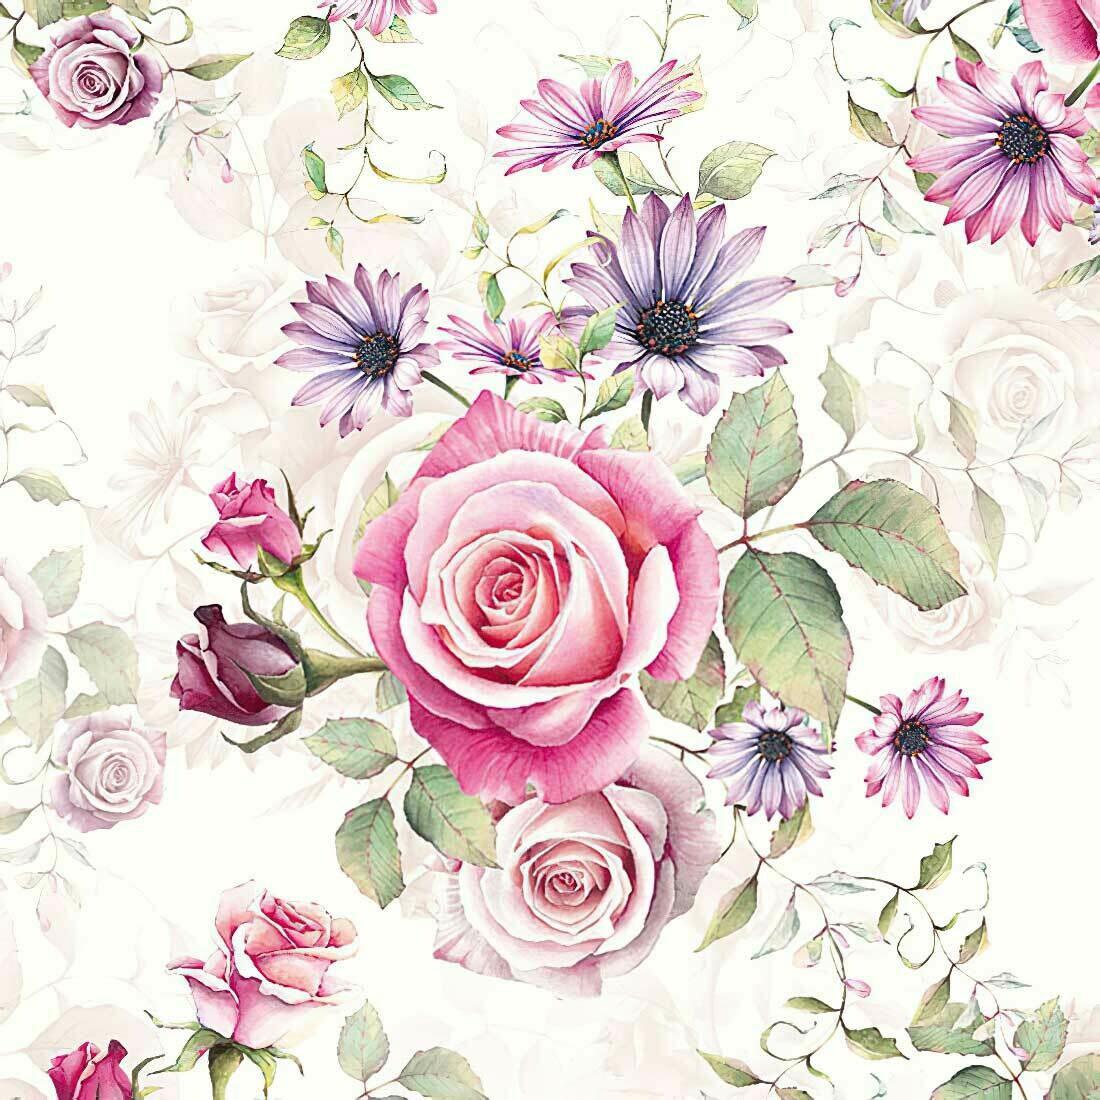 Decoupage Paper Napkins - Floral - Madeline Rose (1 Sheet)